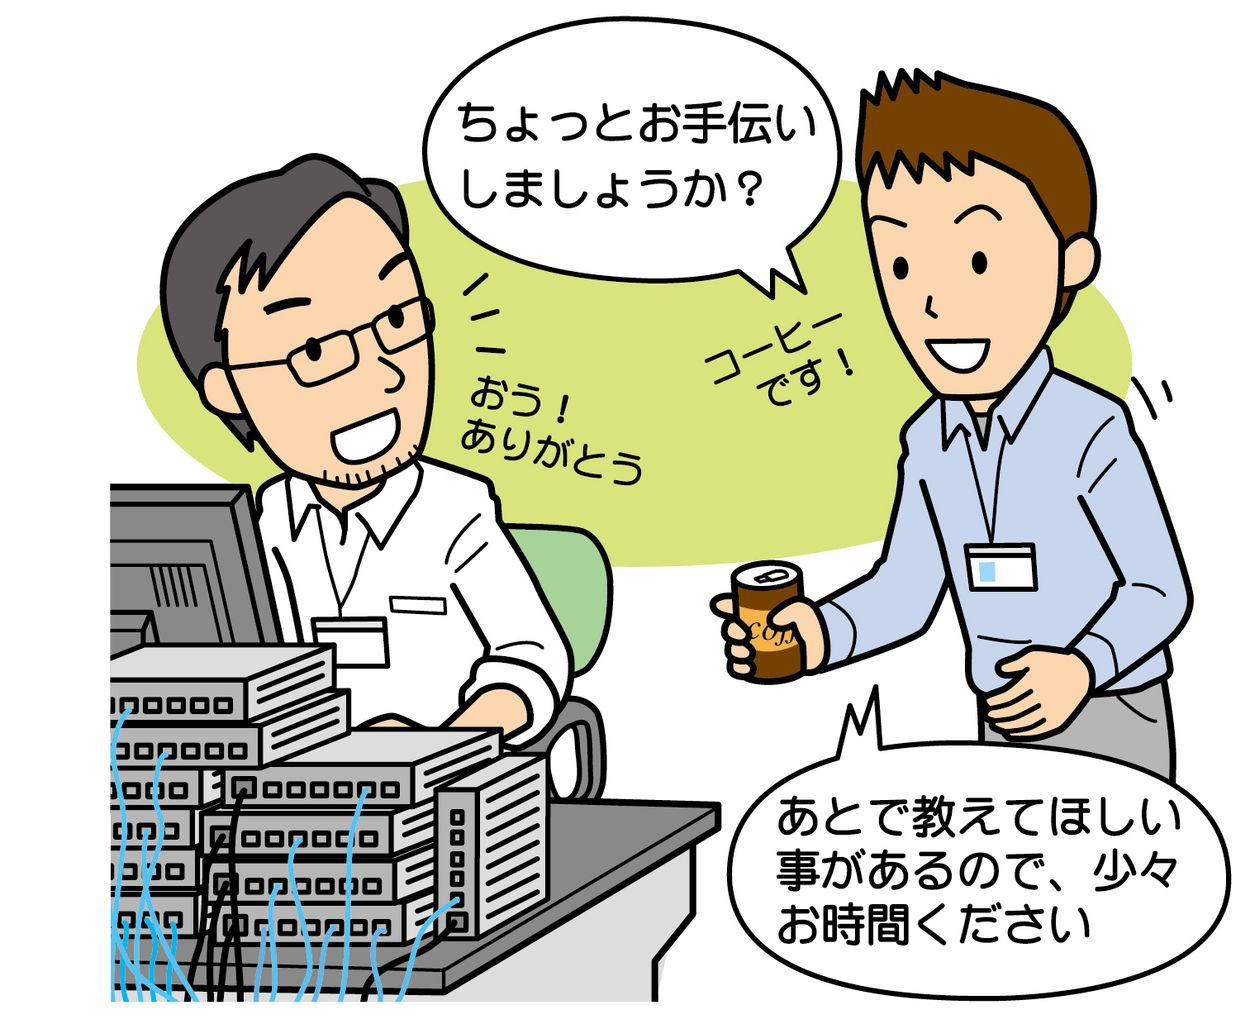 先輩に差し入れをしながらお手伝いをして良い関係を築き、色々と教えてもらおうとするSE(システムエンジニア)- Copyright (C) viva-se.net システムエンジニアの仕事